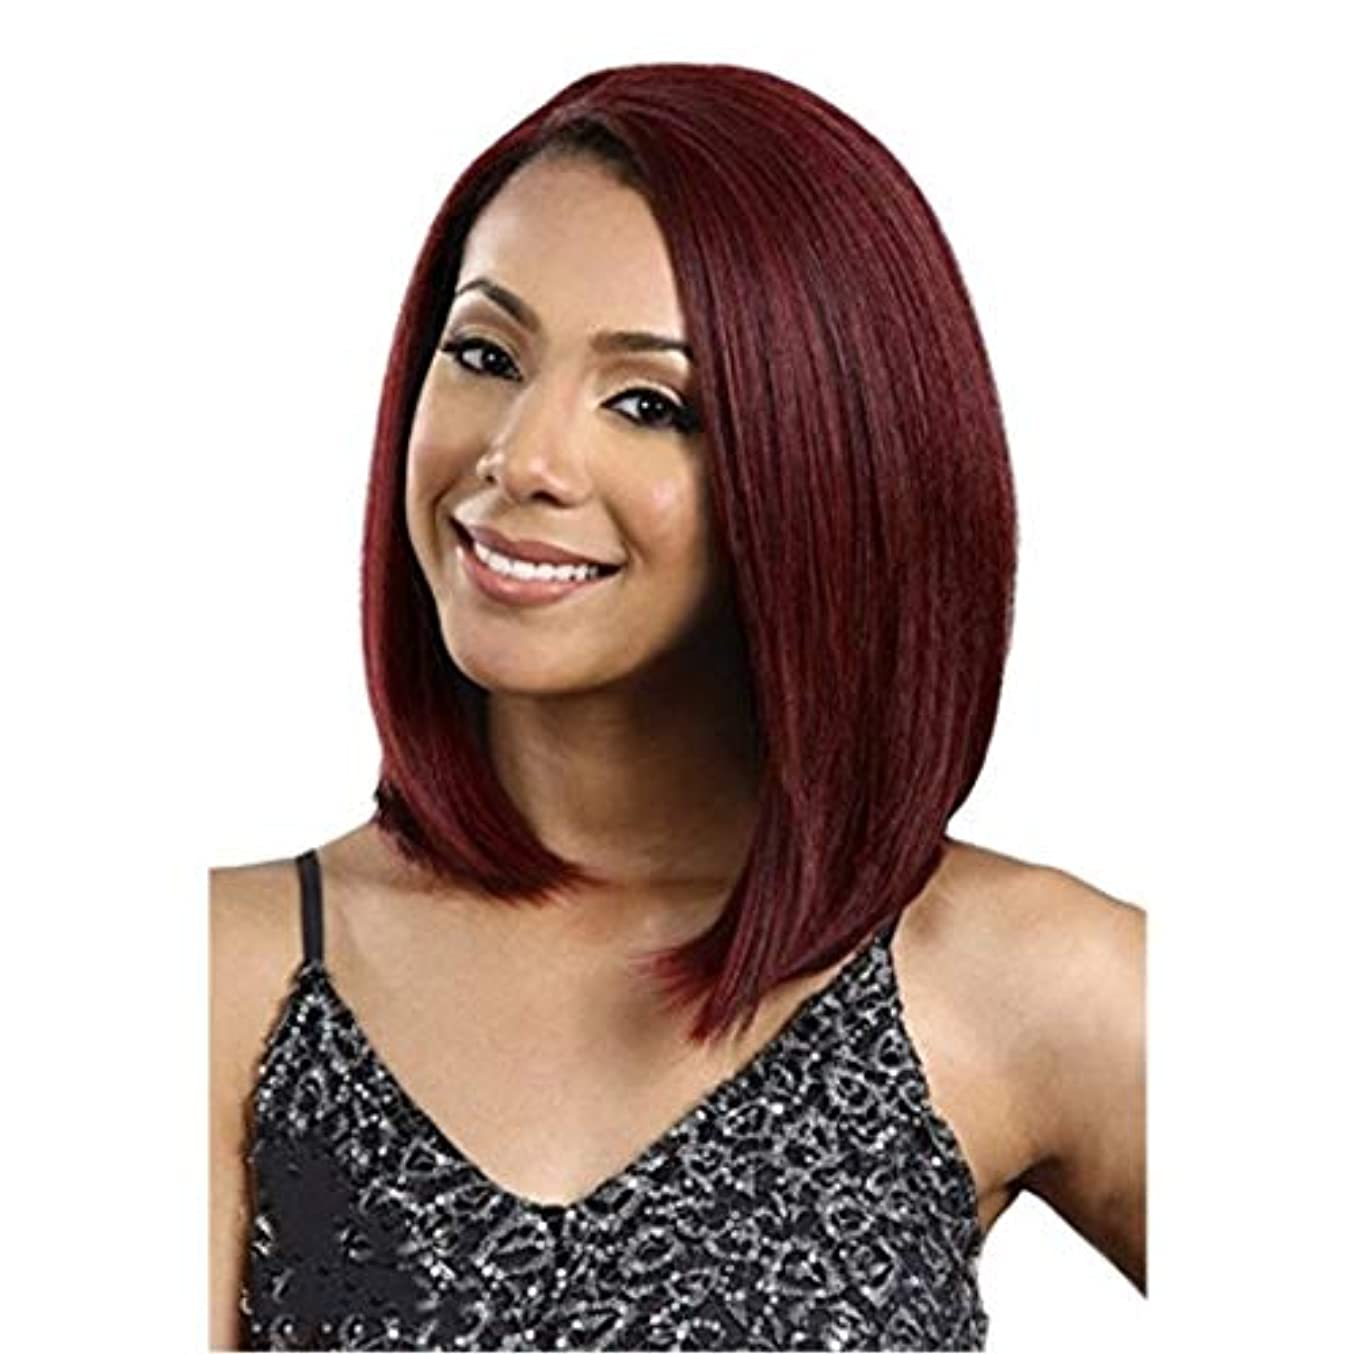 何十人も熟読責任Kerwinner 女性のための前髪の髪のかつらとミディアムストレートヘアレッドウィッグヘッドギア耐熱合成かつら